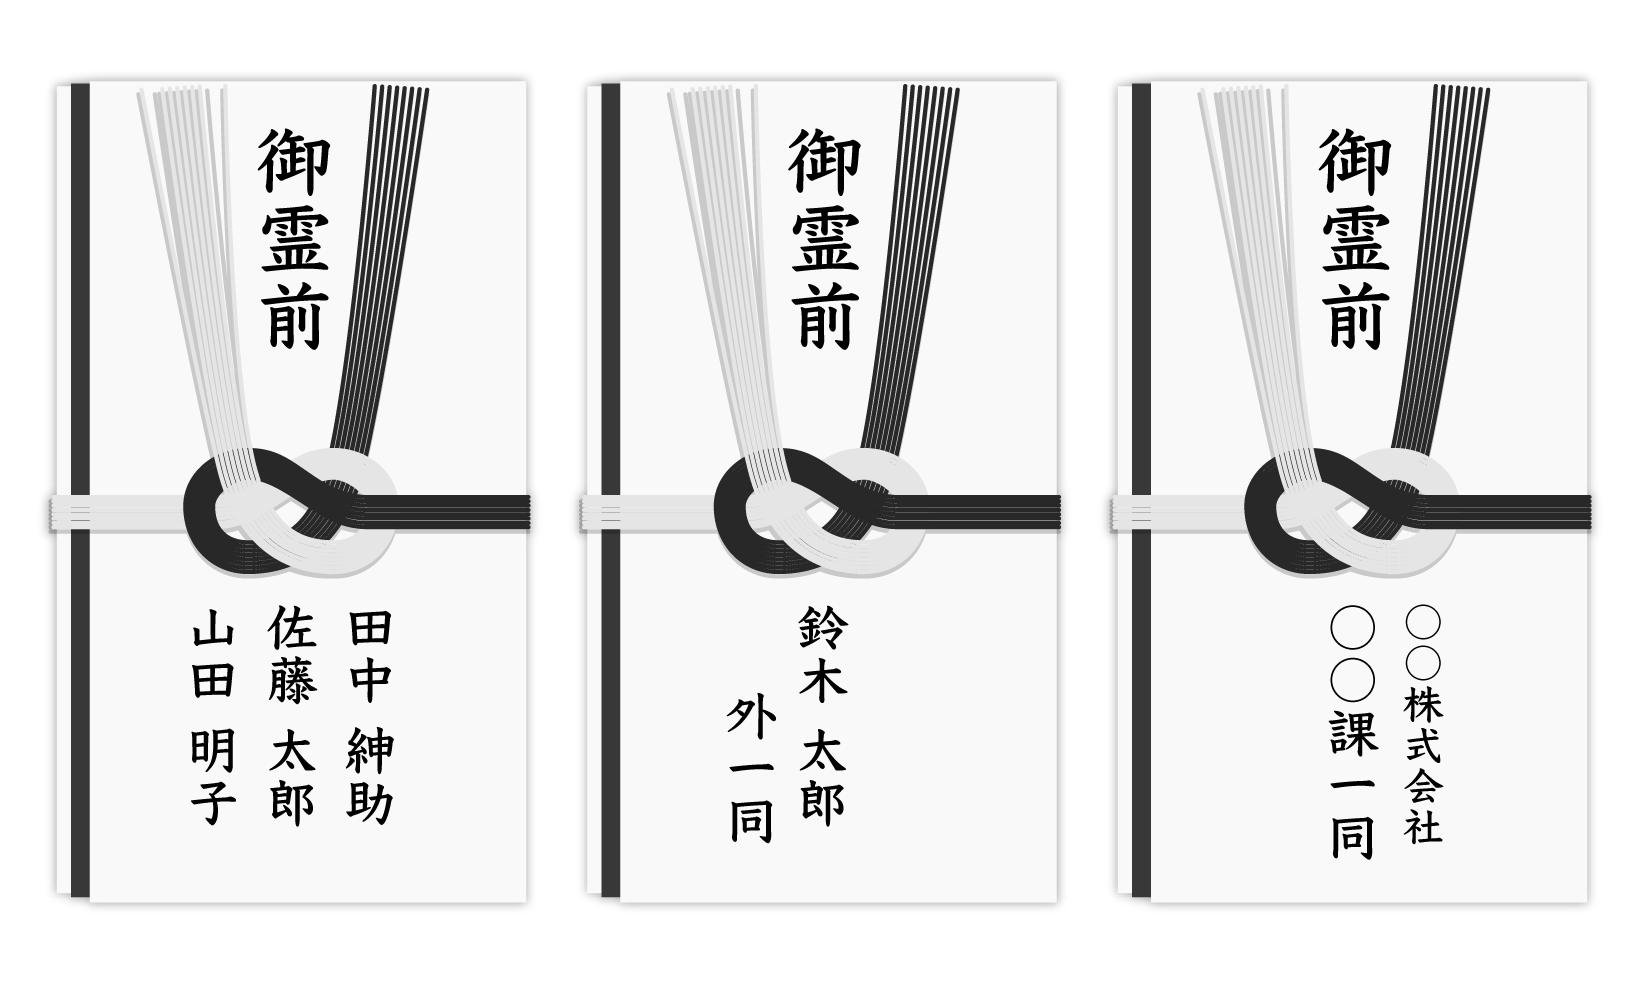 3名までは封筒に名前を書く。4名からは代表者名(鈴木太郎 外一同)や会社名(〇〇株式会社 〇〇課一同)といった書き方にする